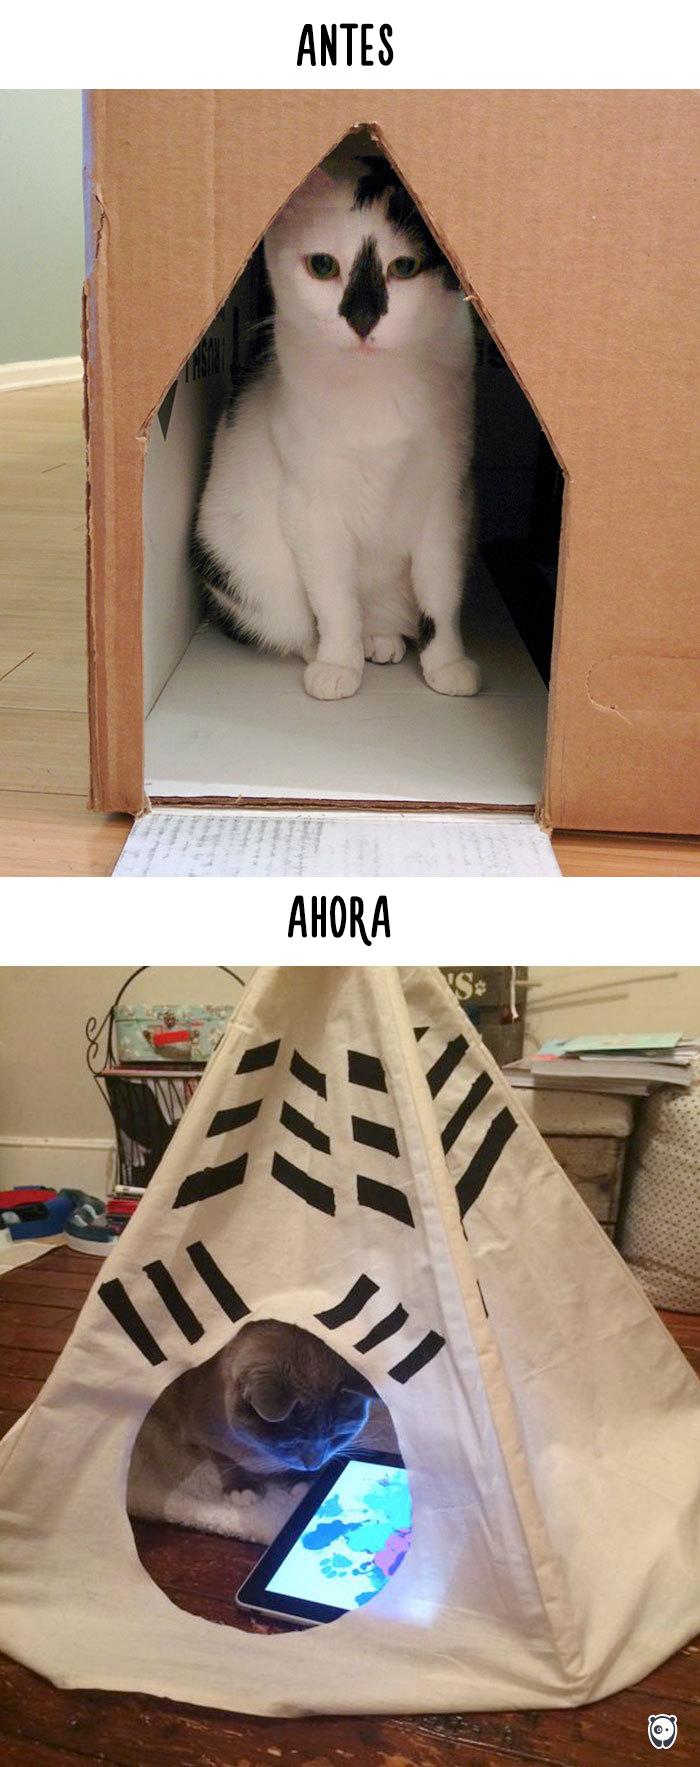 Antes y ahora: Cómo la tecnología ha cambiado la vida de los gatos